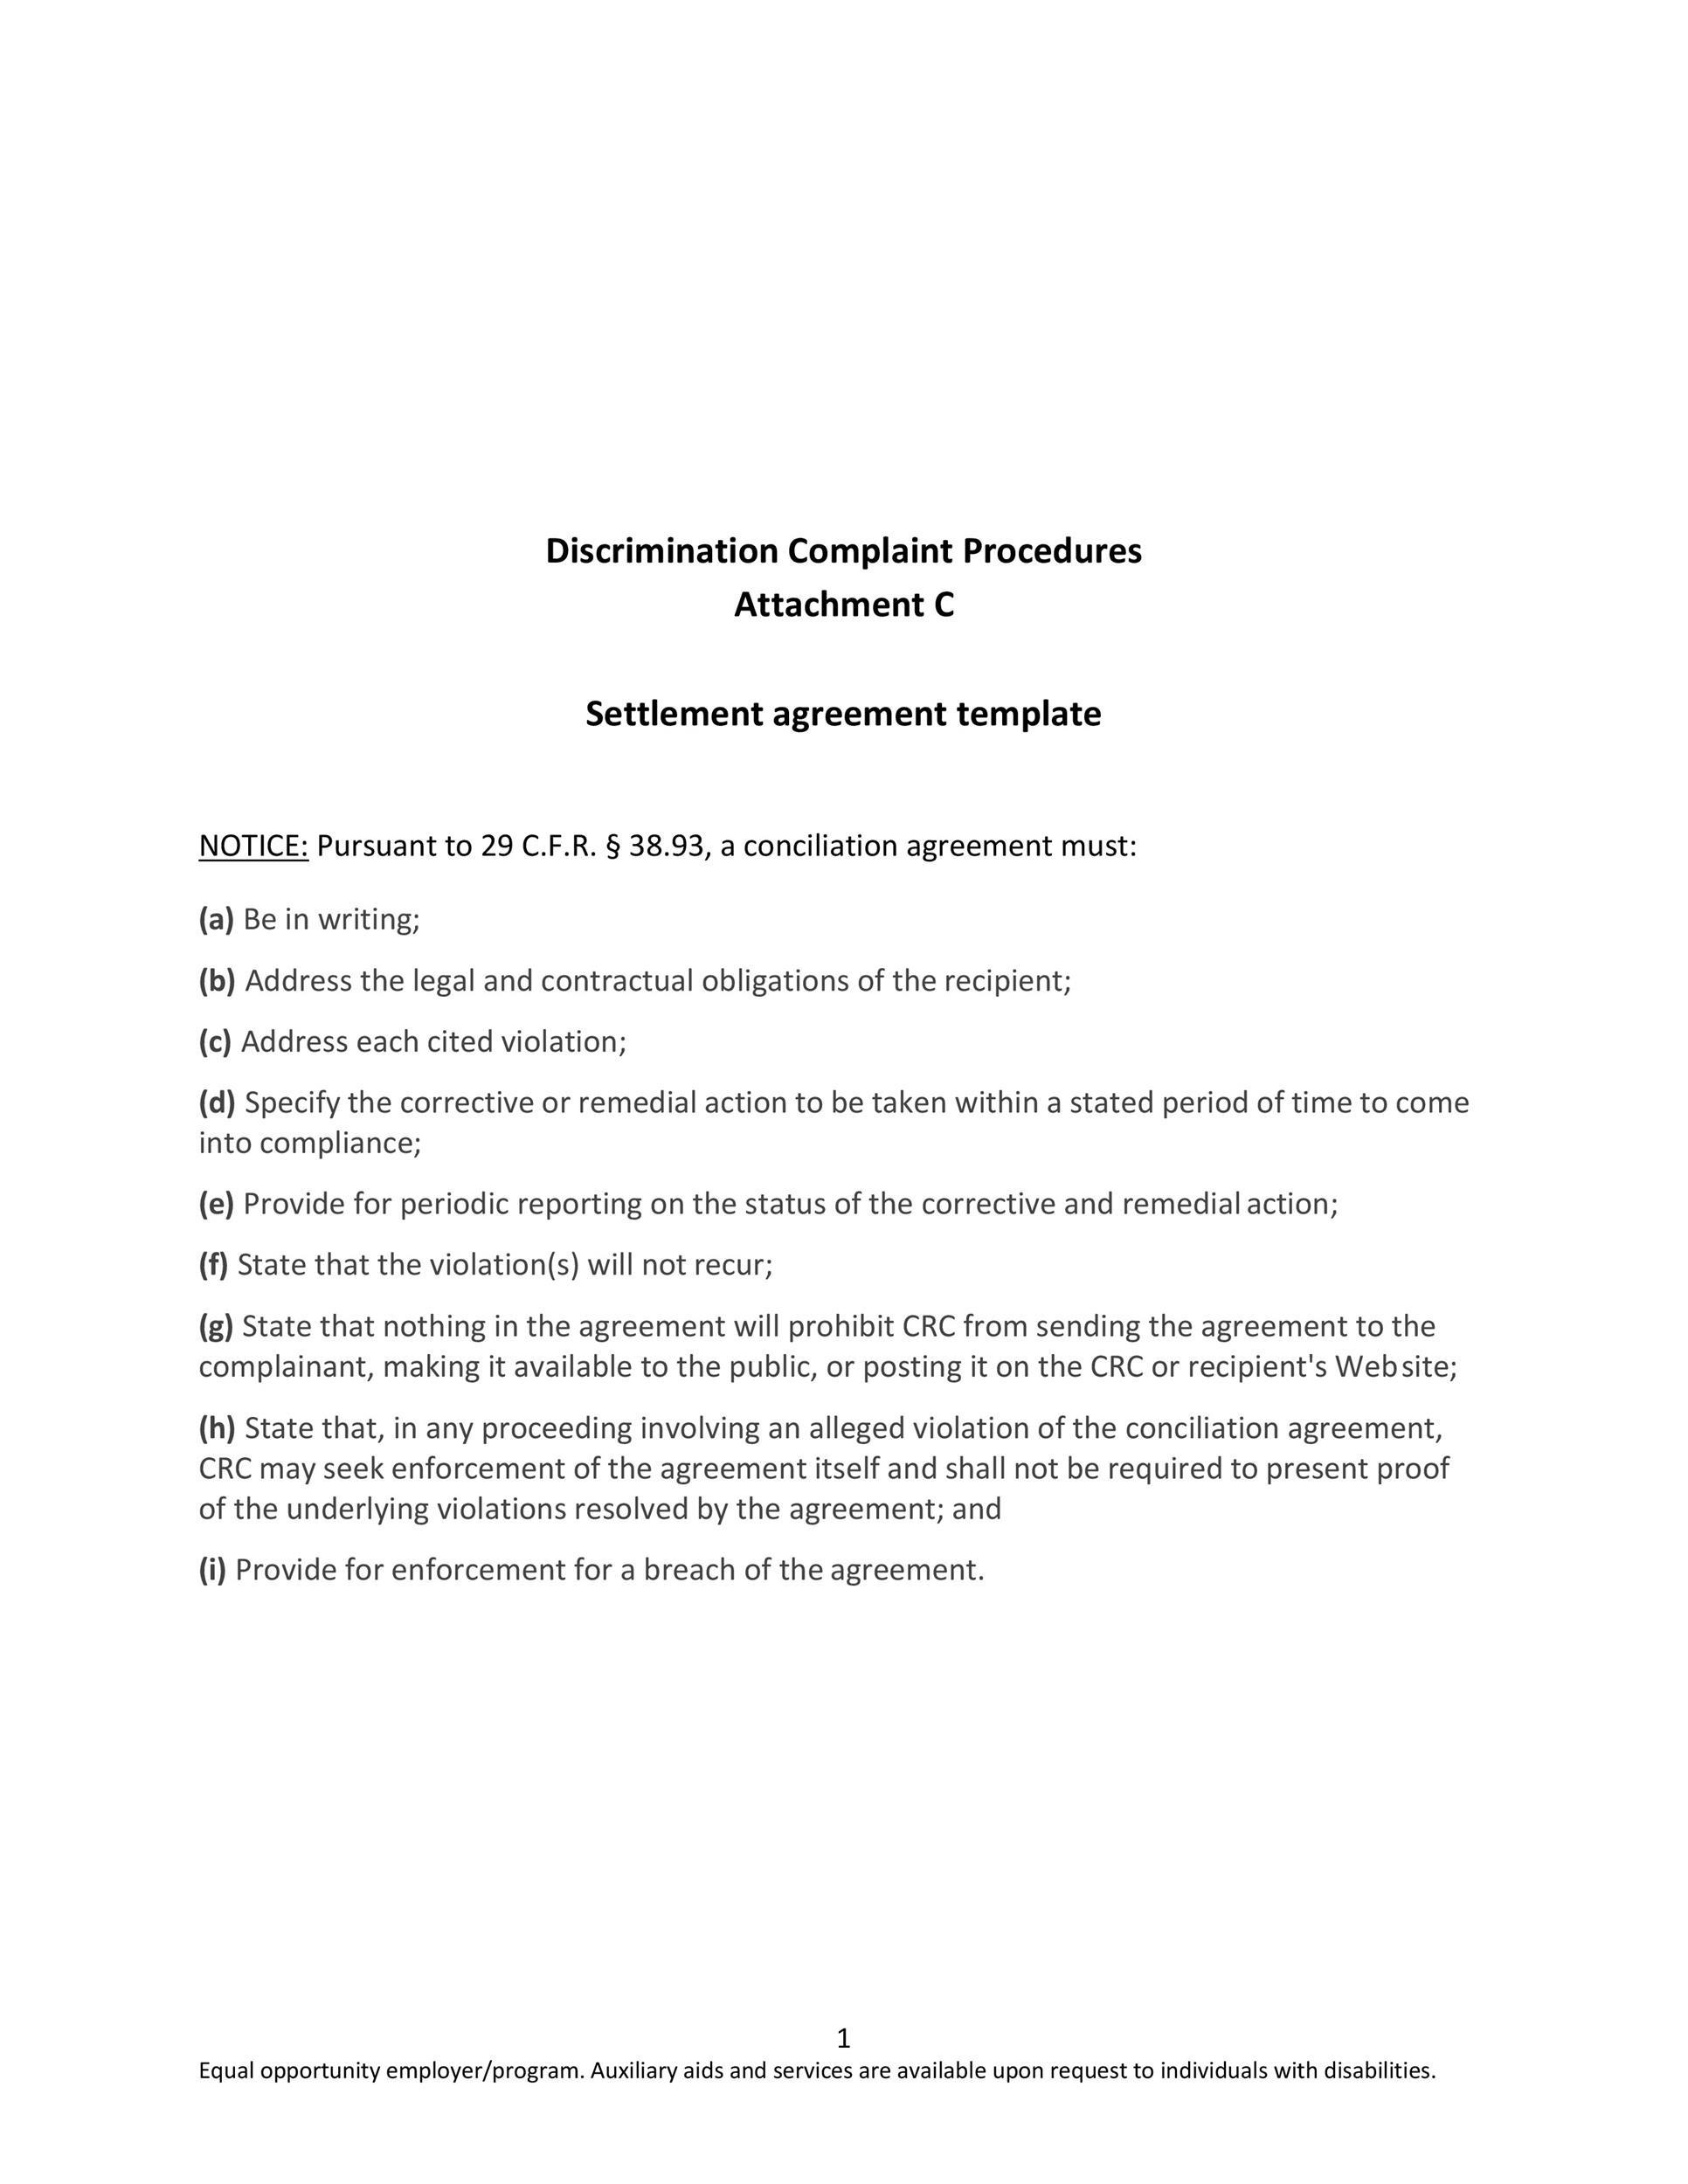 Free settlement agreement 38